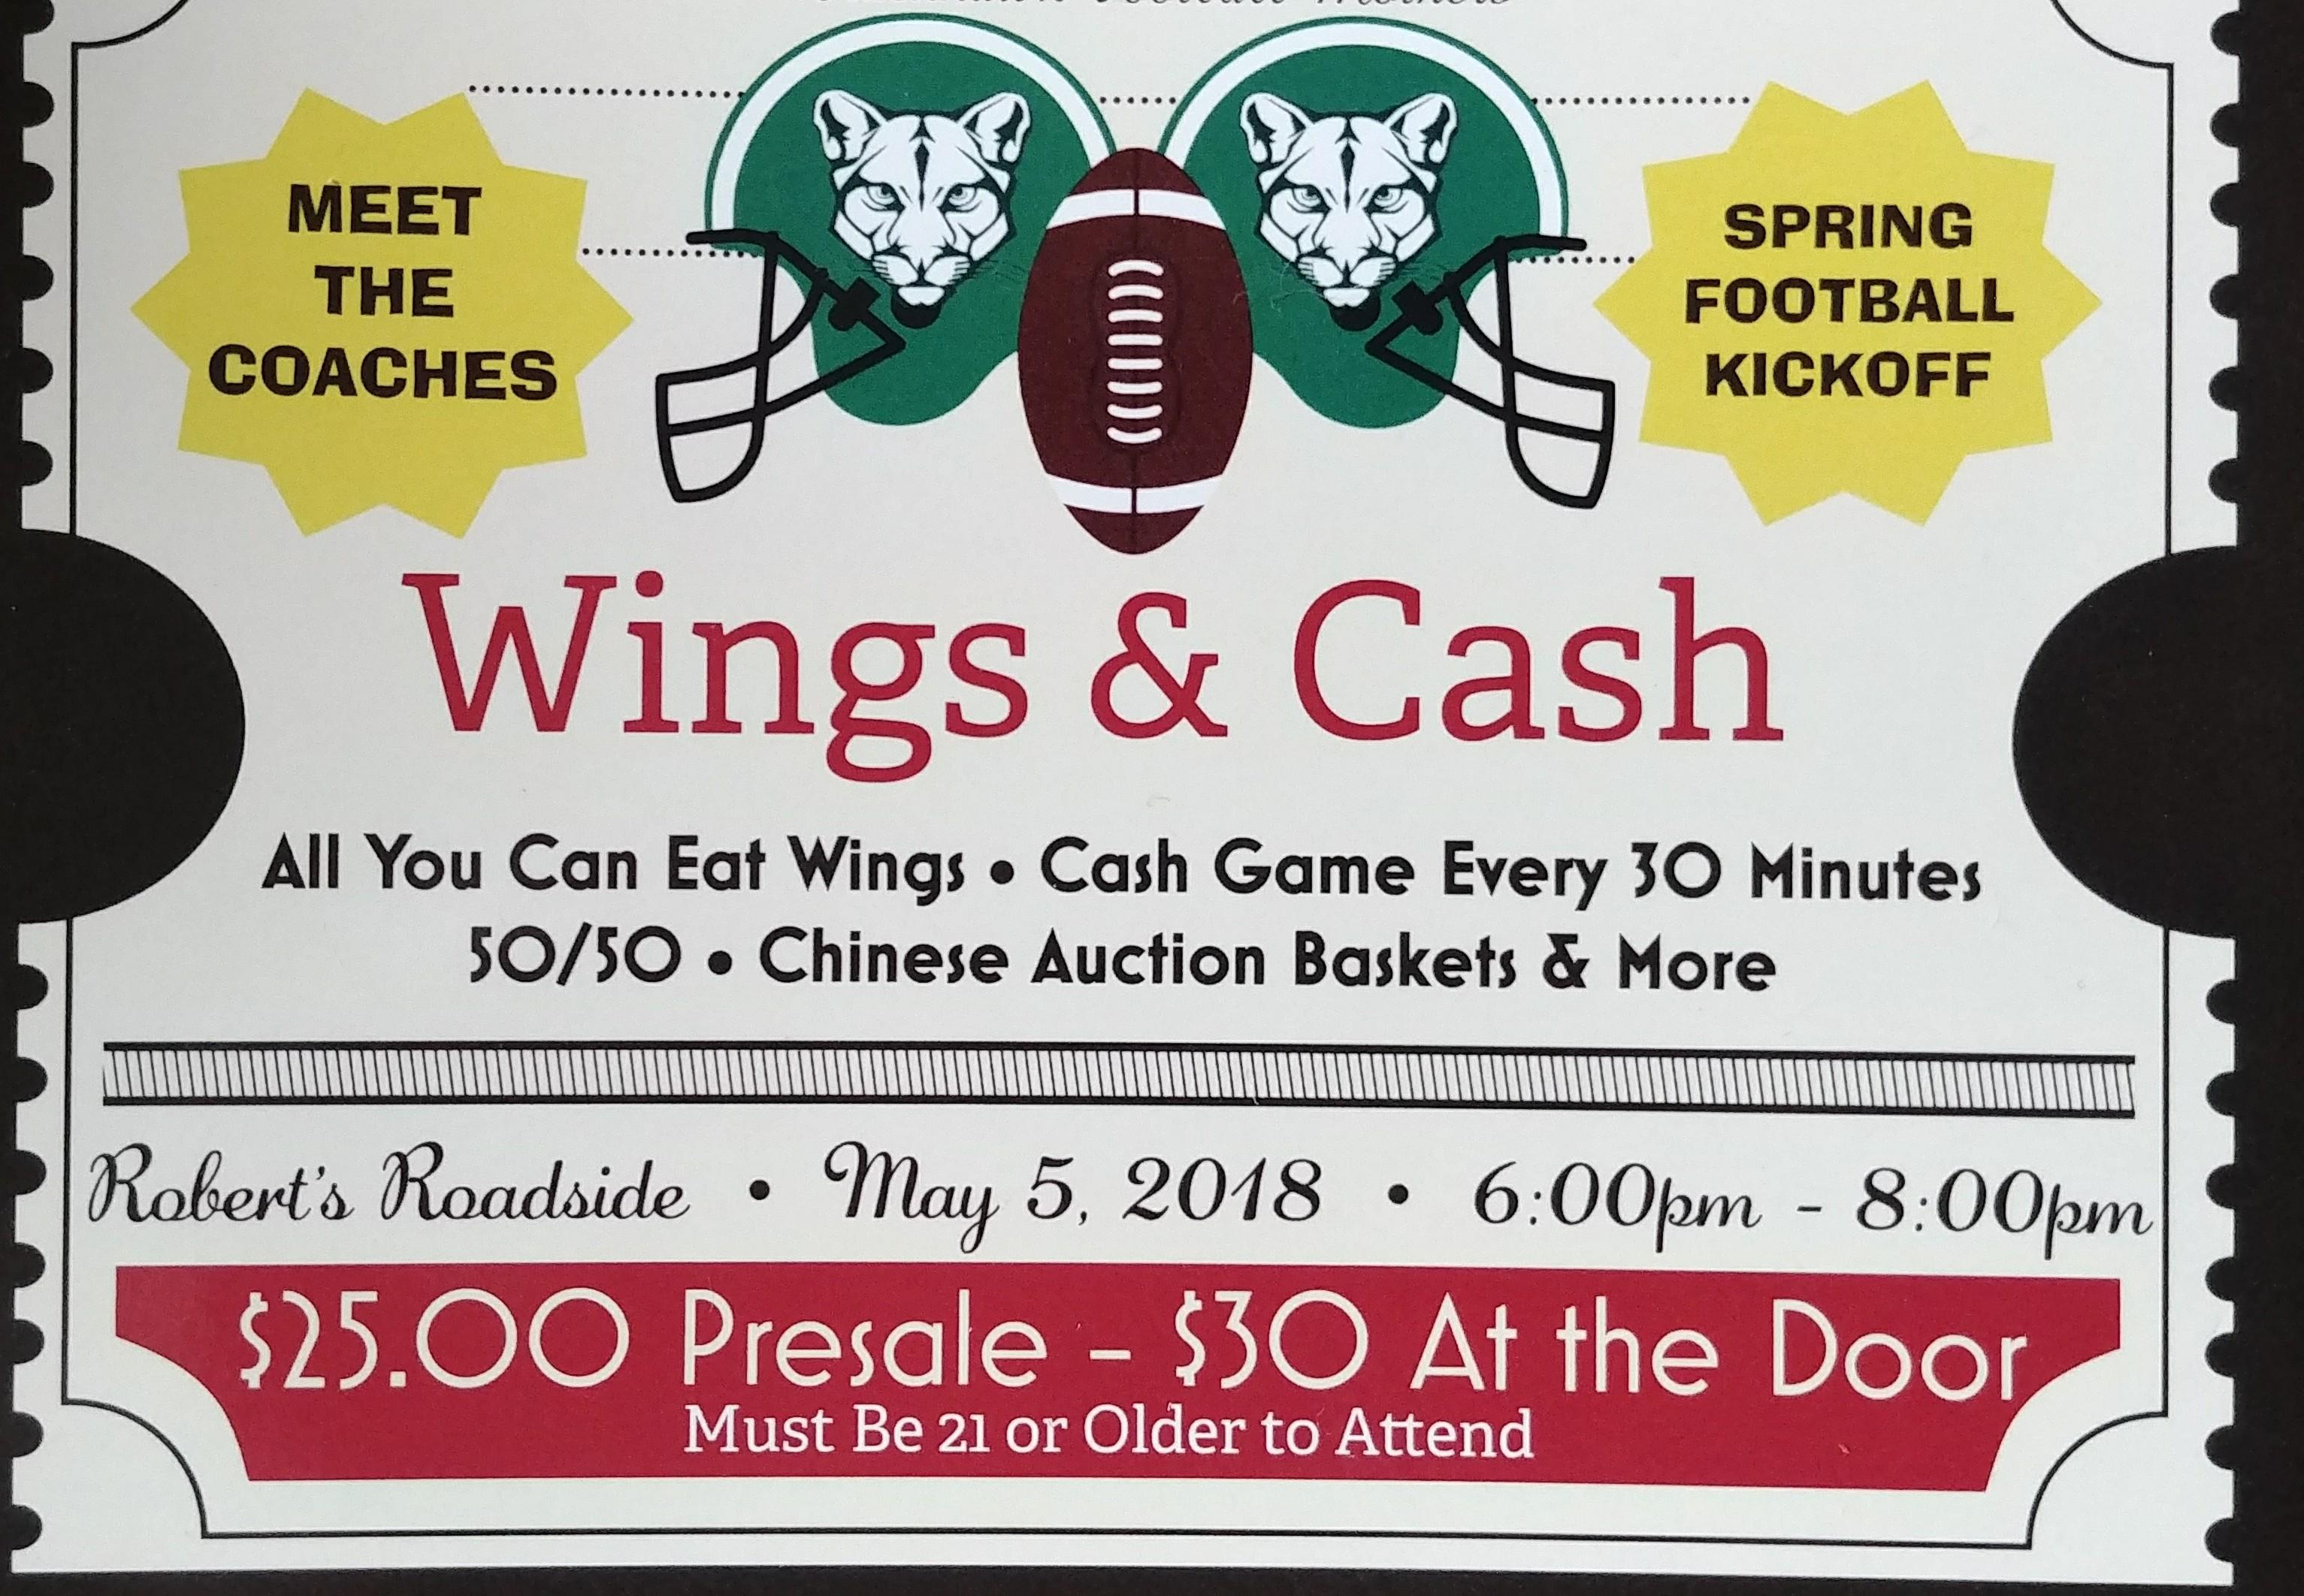 Blackhawk Cougar Football Fundraiser